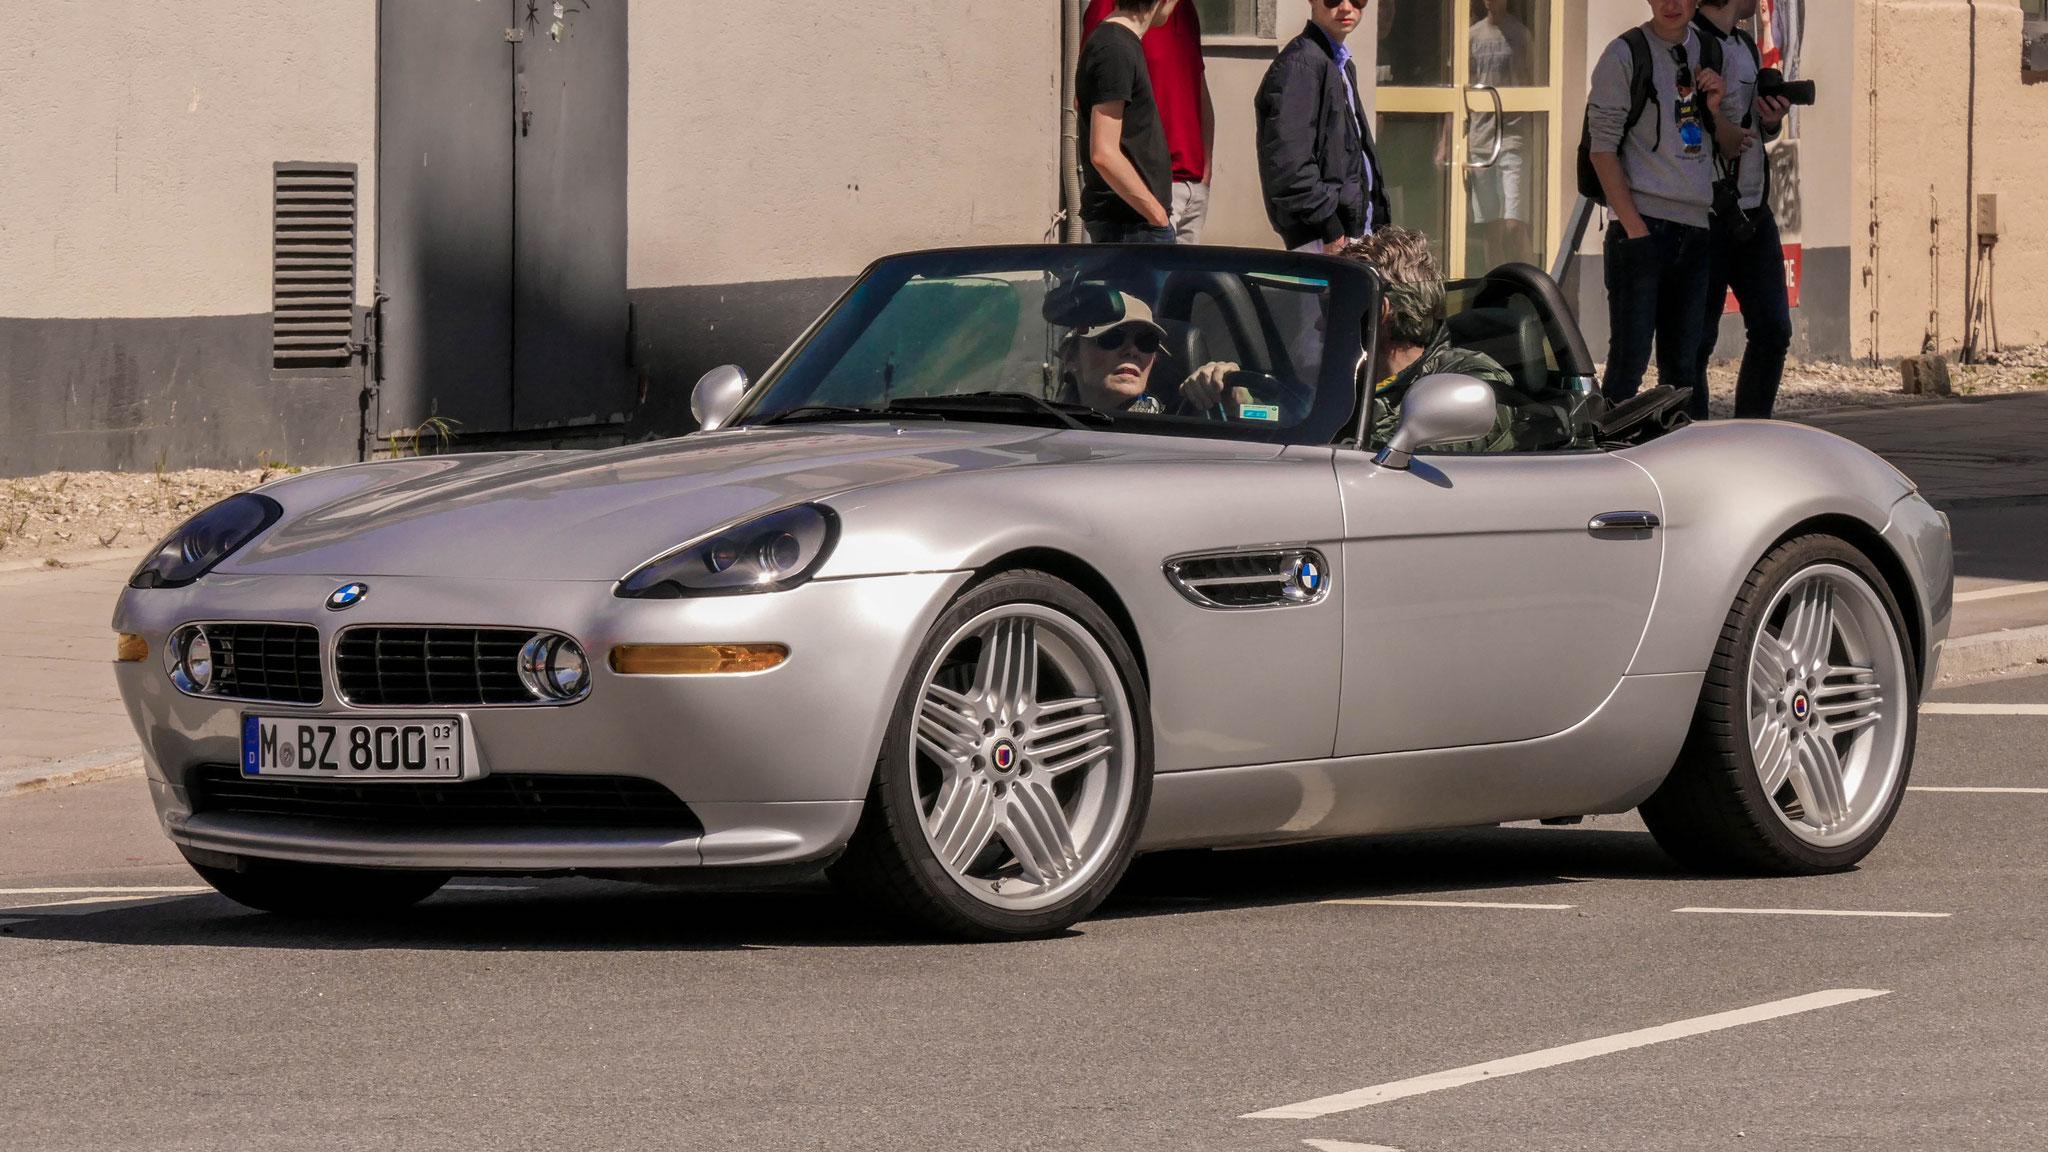 BMW Z8 - M-BZ-800